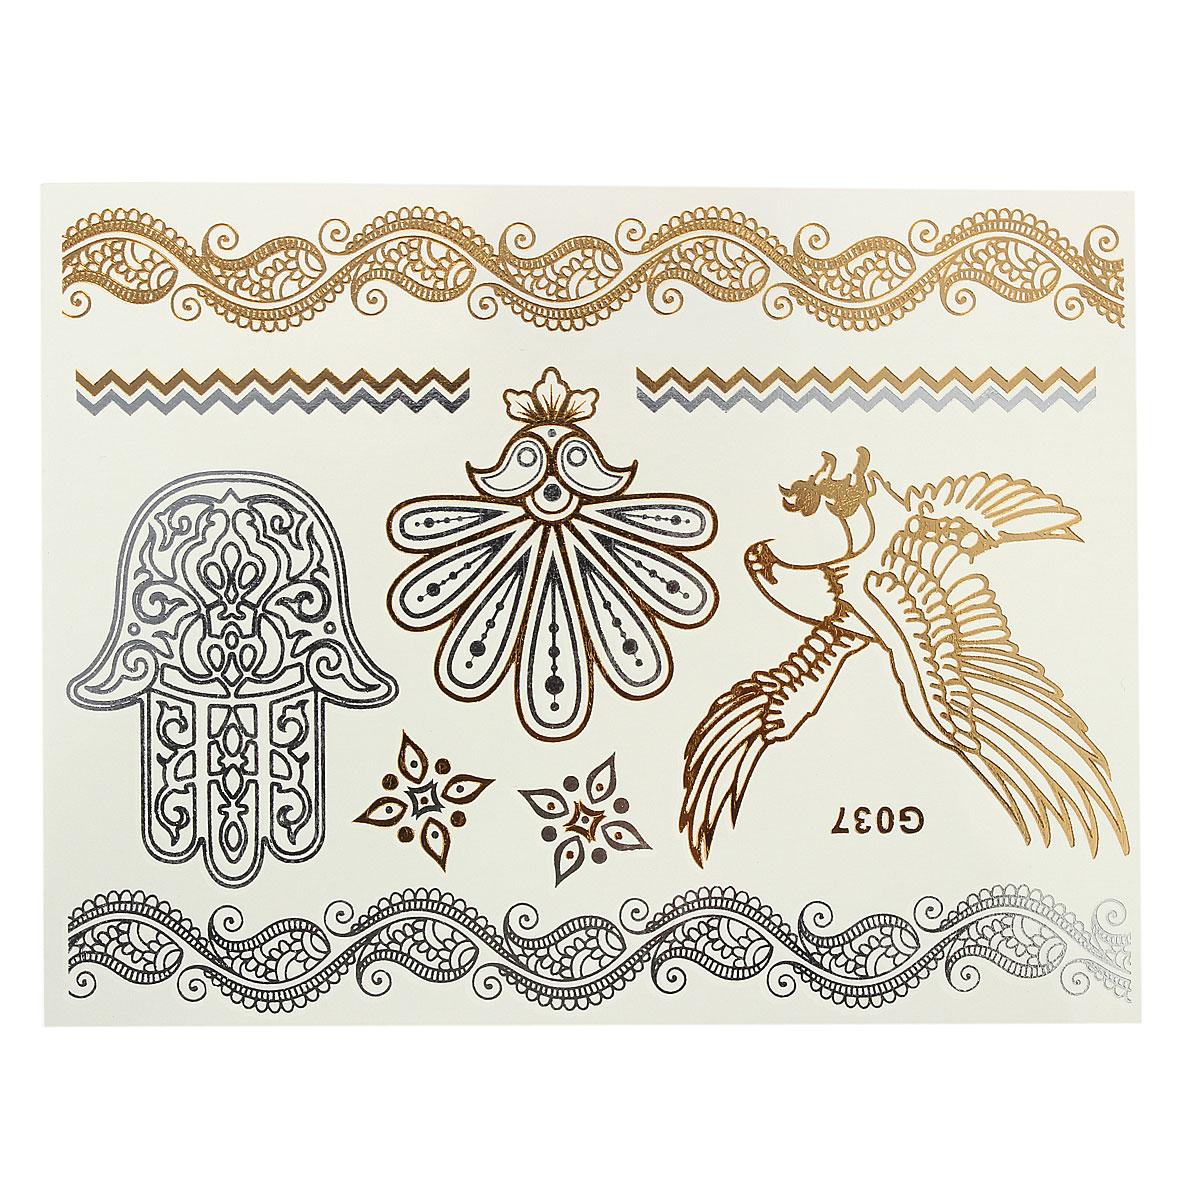 pin bracelets tatouage temporaire tour de bras cheville on pinterest. Black Bedroom Furniture Sets. Home Design Ideas